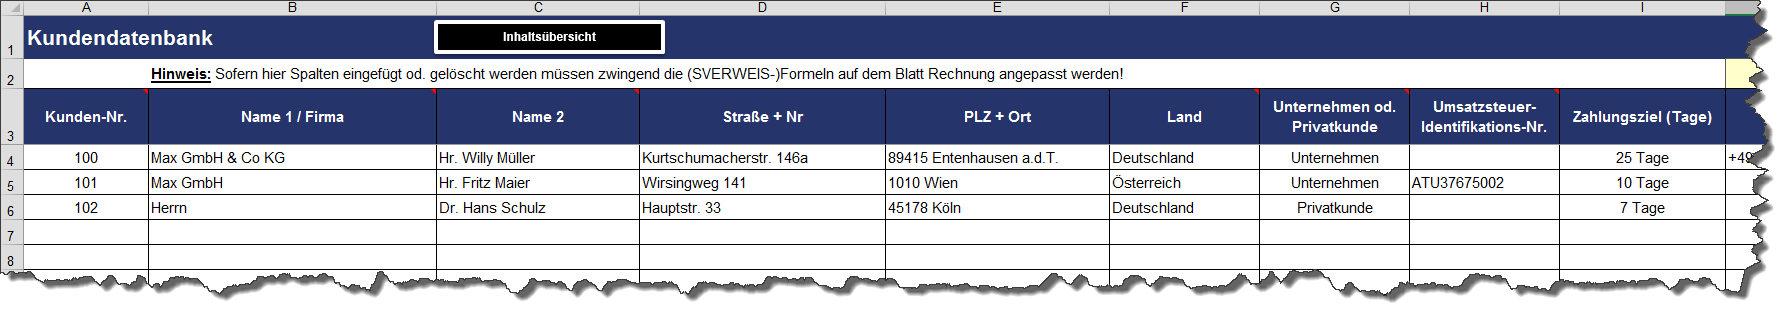 Excel Rechnungserstellung